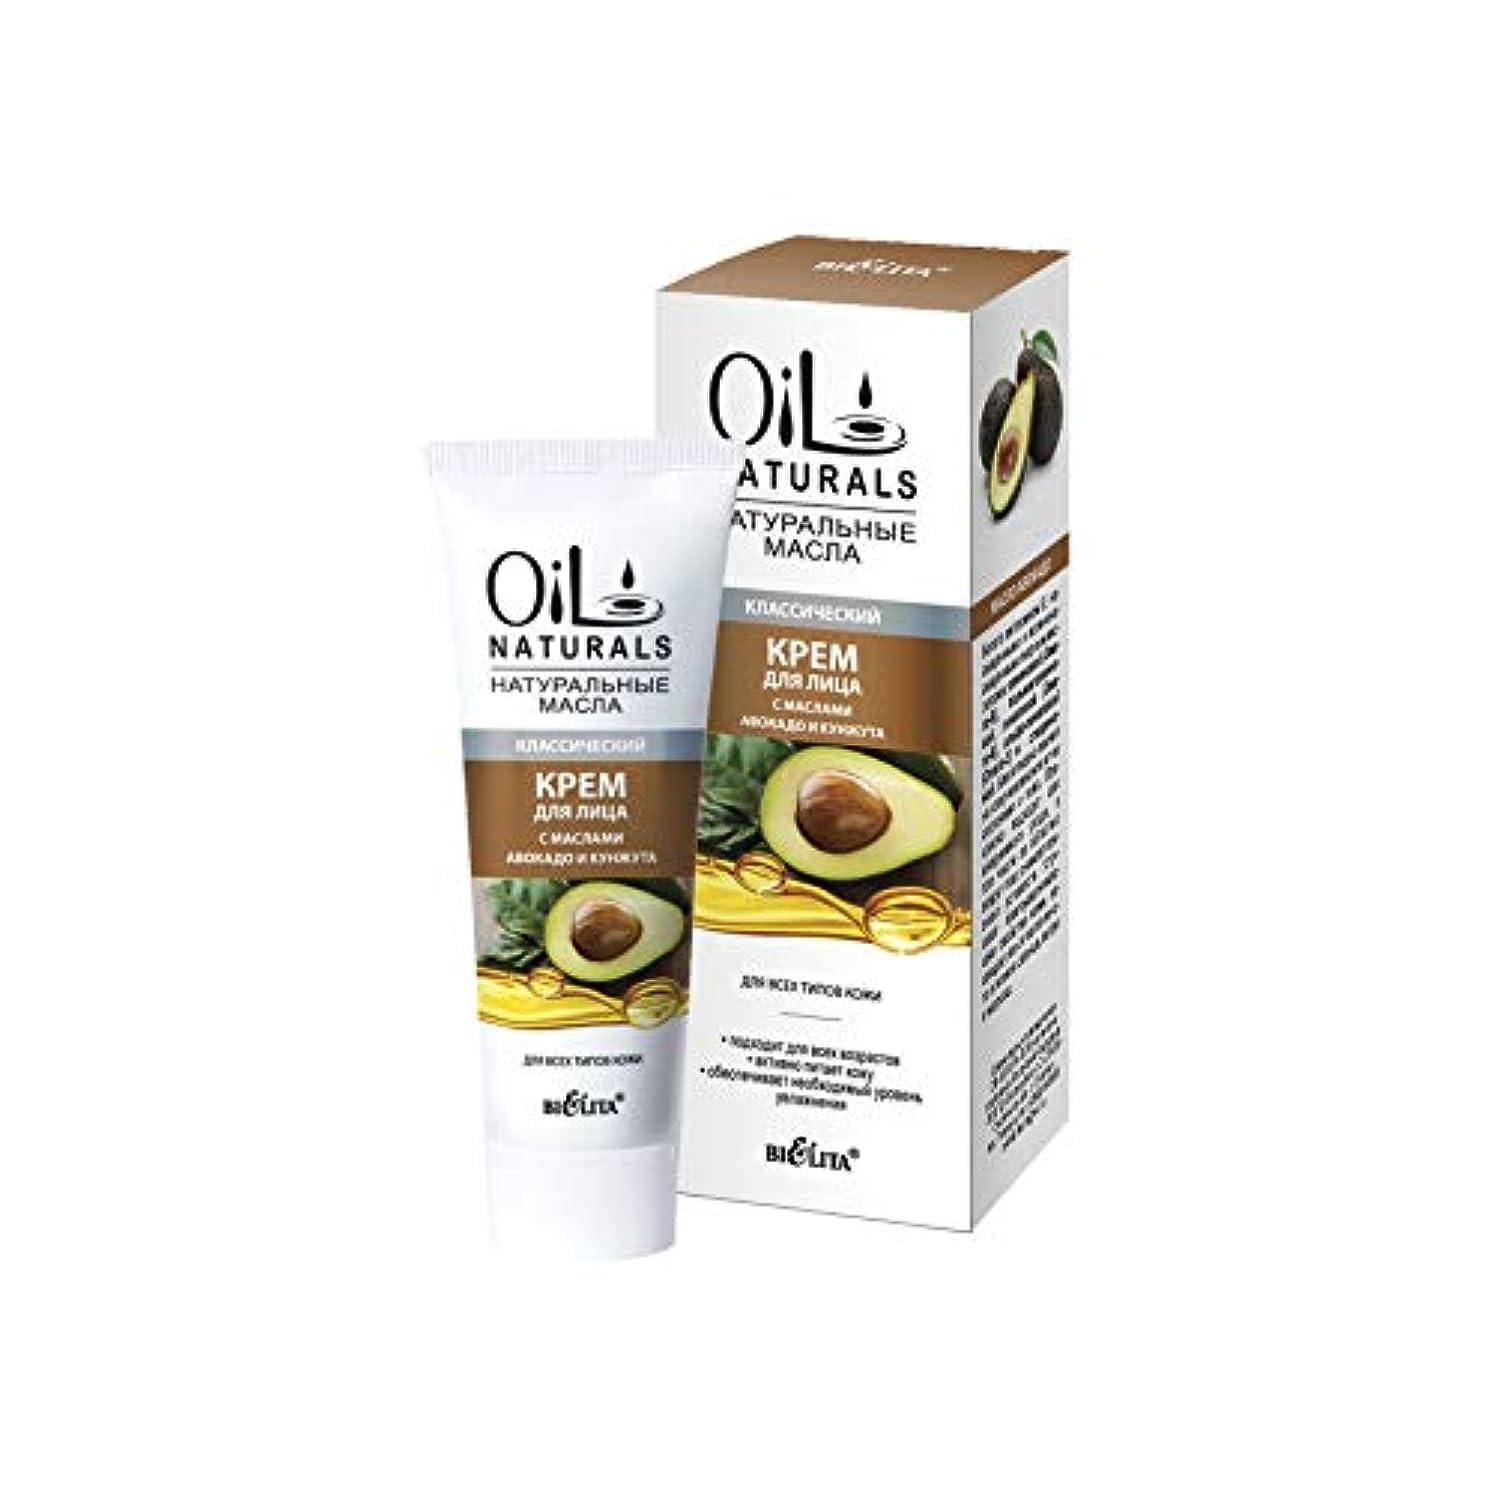 リンクアストロラーベダイヤルBielita & Vitex  Oil Naturals Line   Classic Moisturizing Face Cream, for All Skin Types, 50 ml   Avocado Oil,...